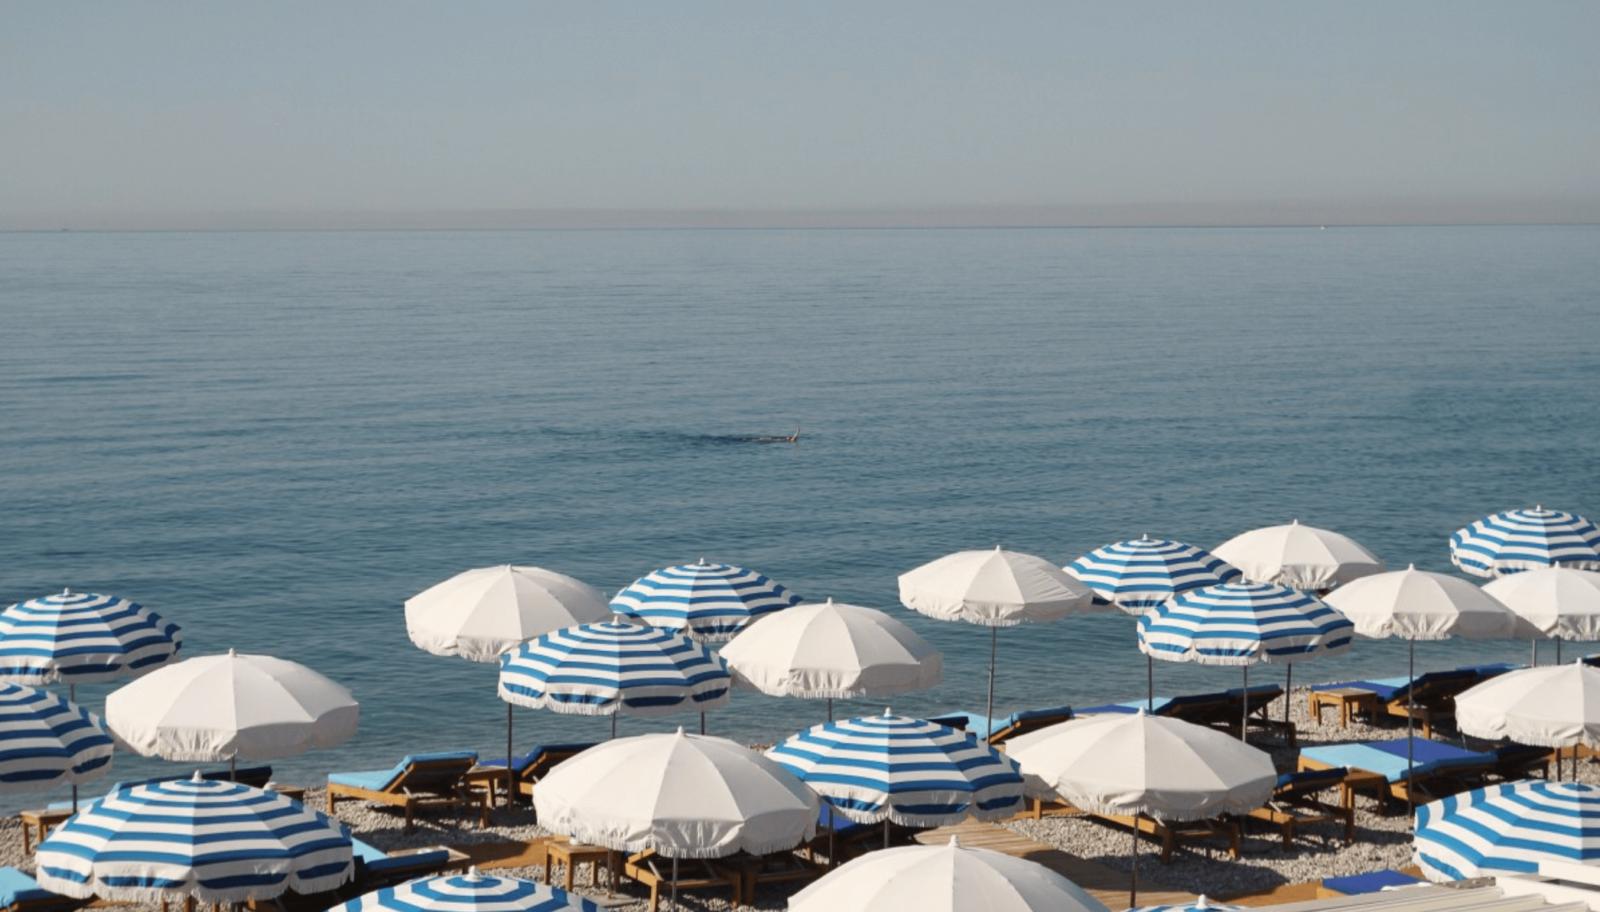 La plage de Amour Plage qui fait partie du complexe Hotel Amour.